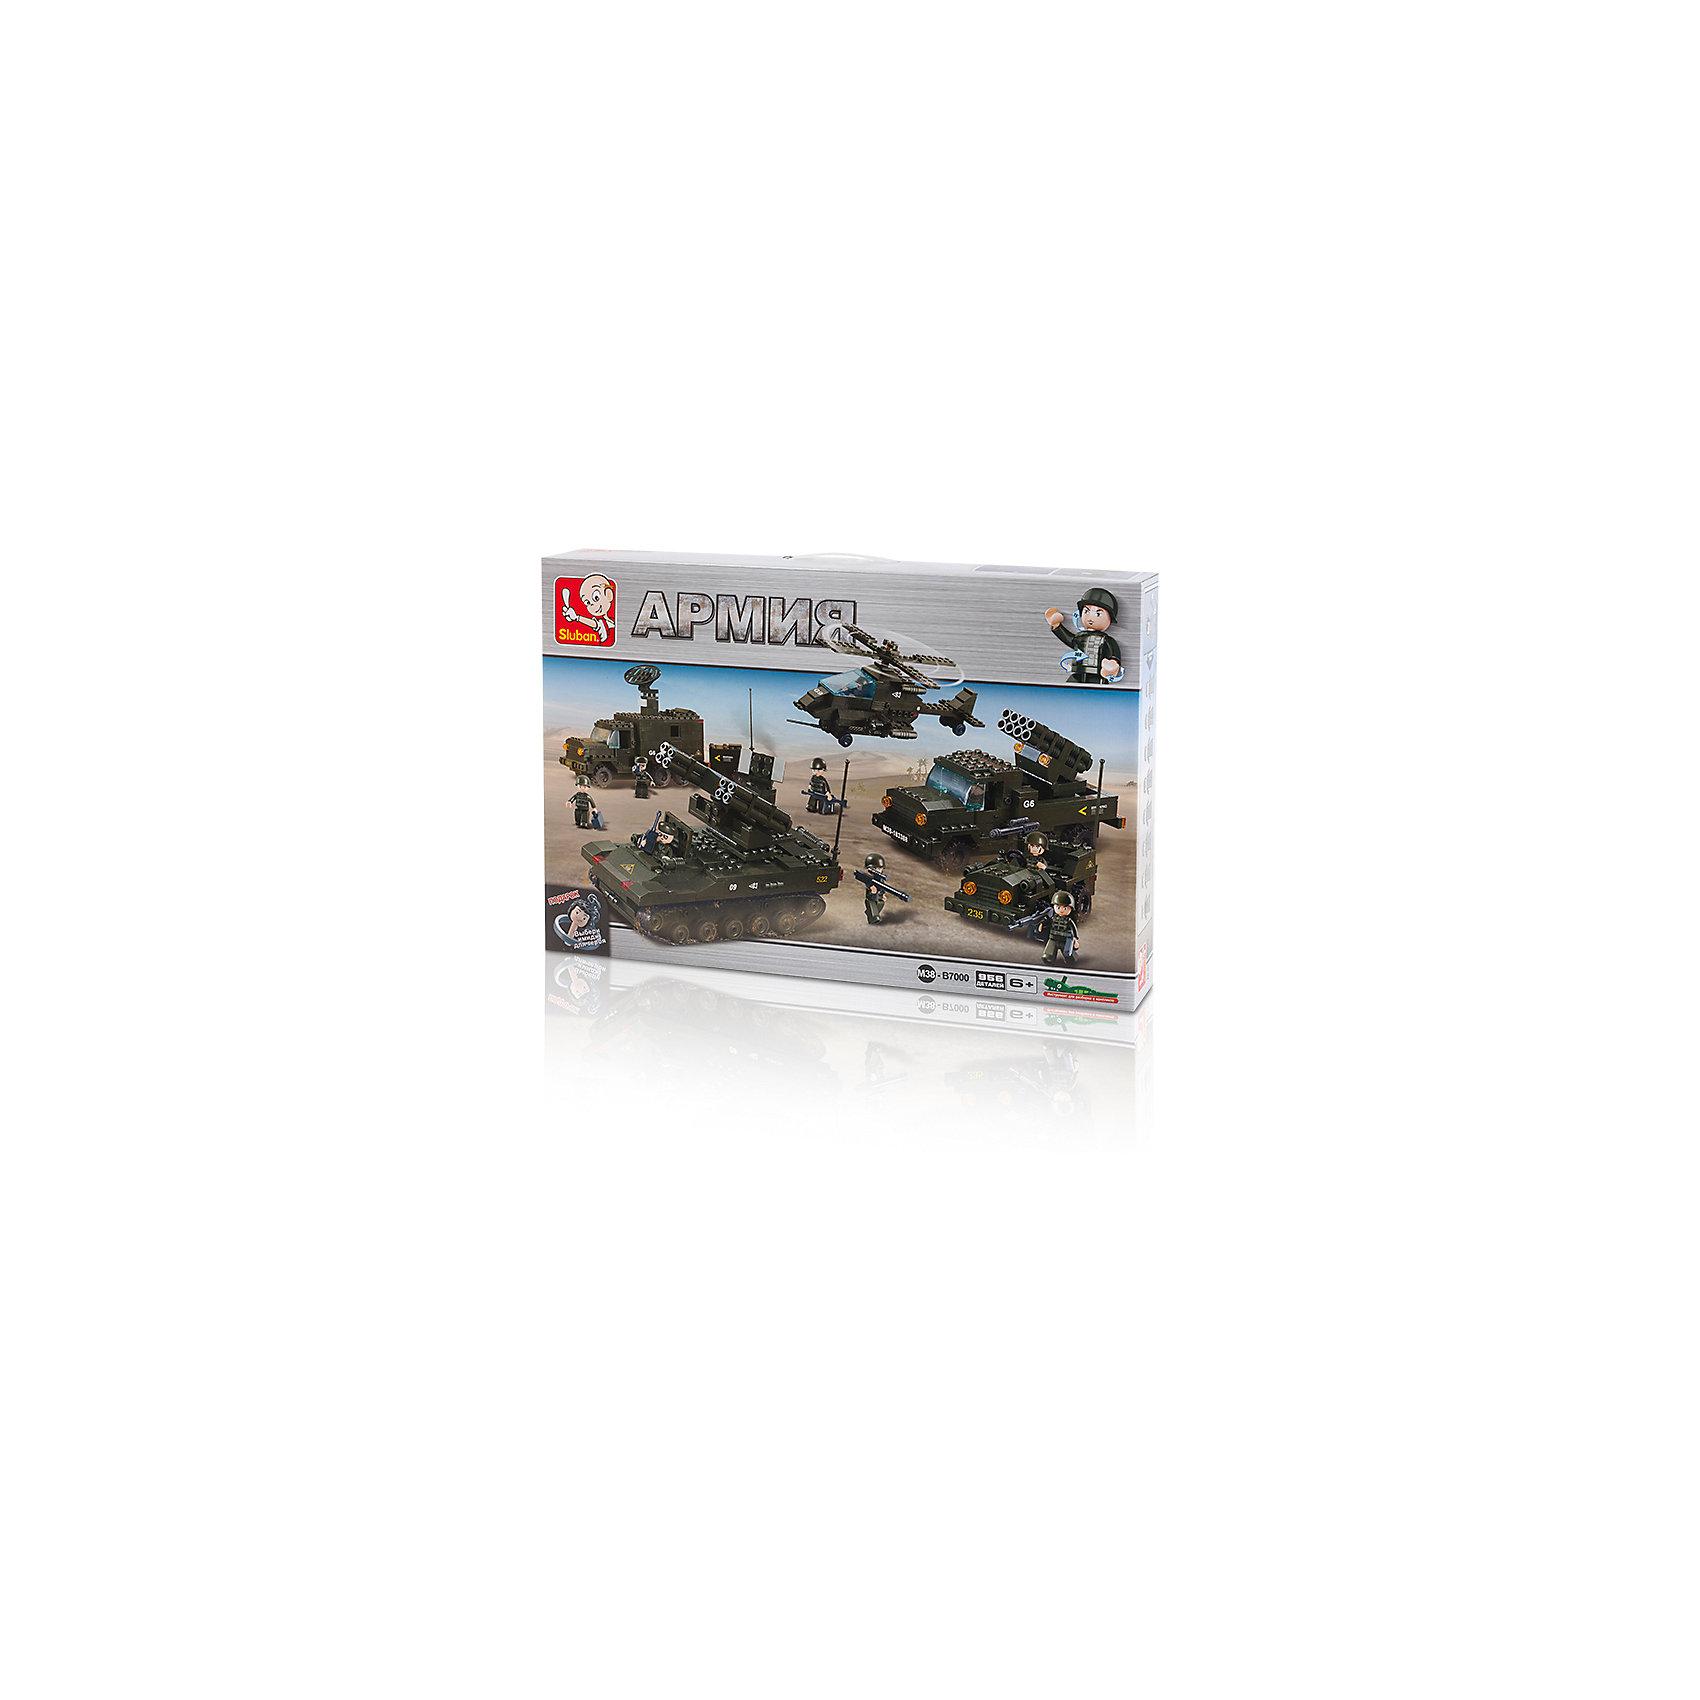 Конструктор Армия: Секретная база, 956 деталей, SlubanПластмассовые конструкторы<br>Конструктор Армия: Секретная база, 956 деталей, Sluban  (Слубан)<br><br>Характеристики:<br><br>• возраст: от 6 лет<br>• вся необходимая военная техника из конструктора<br>• мини-фигурки в комплекте<br>• количество деталей: 956<br>• материал: пластик<br>• размер упаковки: 9х38х57 см<br>• вес: 1870 грамм<br><br>Набор от Sluban - настоящая находка для маленьких военных. Из 956 деталей ребенок сможет самостоятельно построить всю необходимую технику. На секретной базе расположатся транспортеры, вертолет, а также другая техника и 9 военных. Игра с конструктором поможет развить моторику рук, воображение и усидчивость.<br><br>Конструктор Армия: Секретная база, 956 деталей, Sluban (Слубан)  вы можете купить в нашем интернет-магазине.<br><br>Ширина мм: 570<br>Глубина мм: 380<br>Высота мм: 90<br>Вес г: 1870<br>Возраст от месяцев: 72<br>Возраст до месяцев: 2147483647<br>Пол: Мужской<br>Возраст: Детский<br>SKU: 5453716